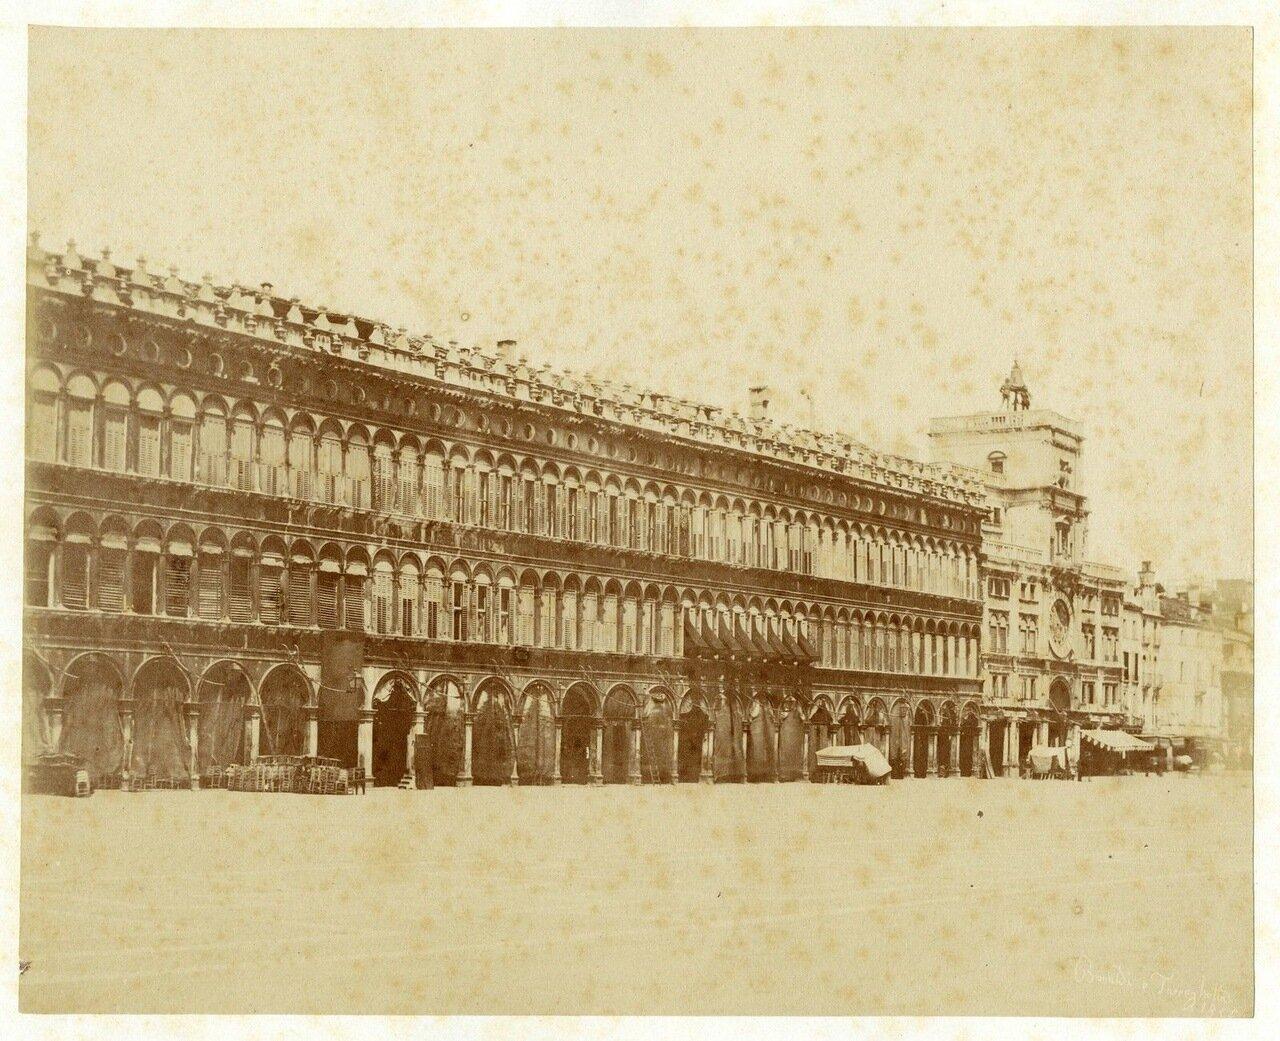 Венеция. Франческо Бональди & Джузеппе Таррегетта. 1855